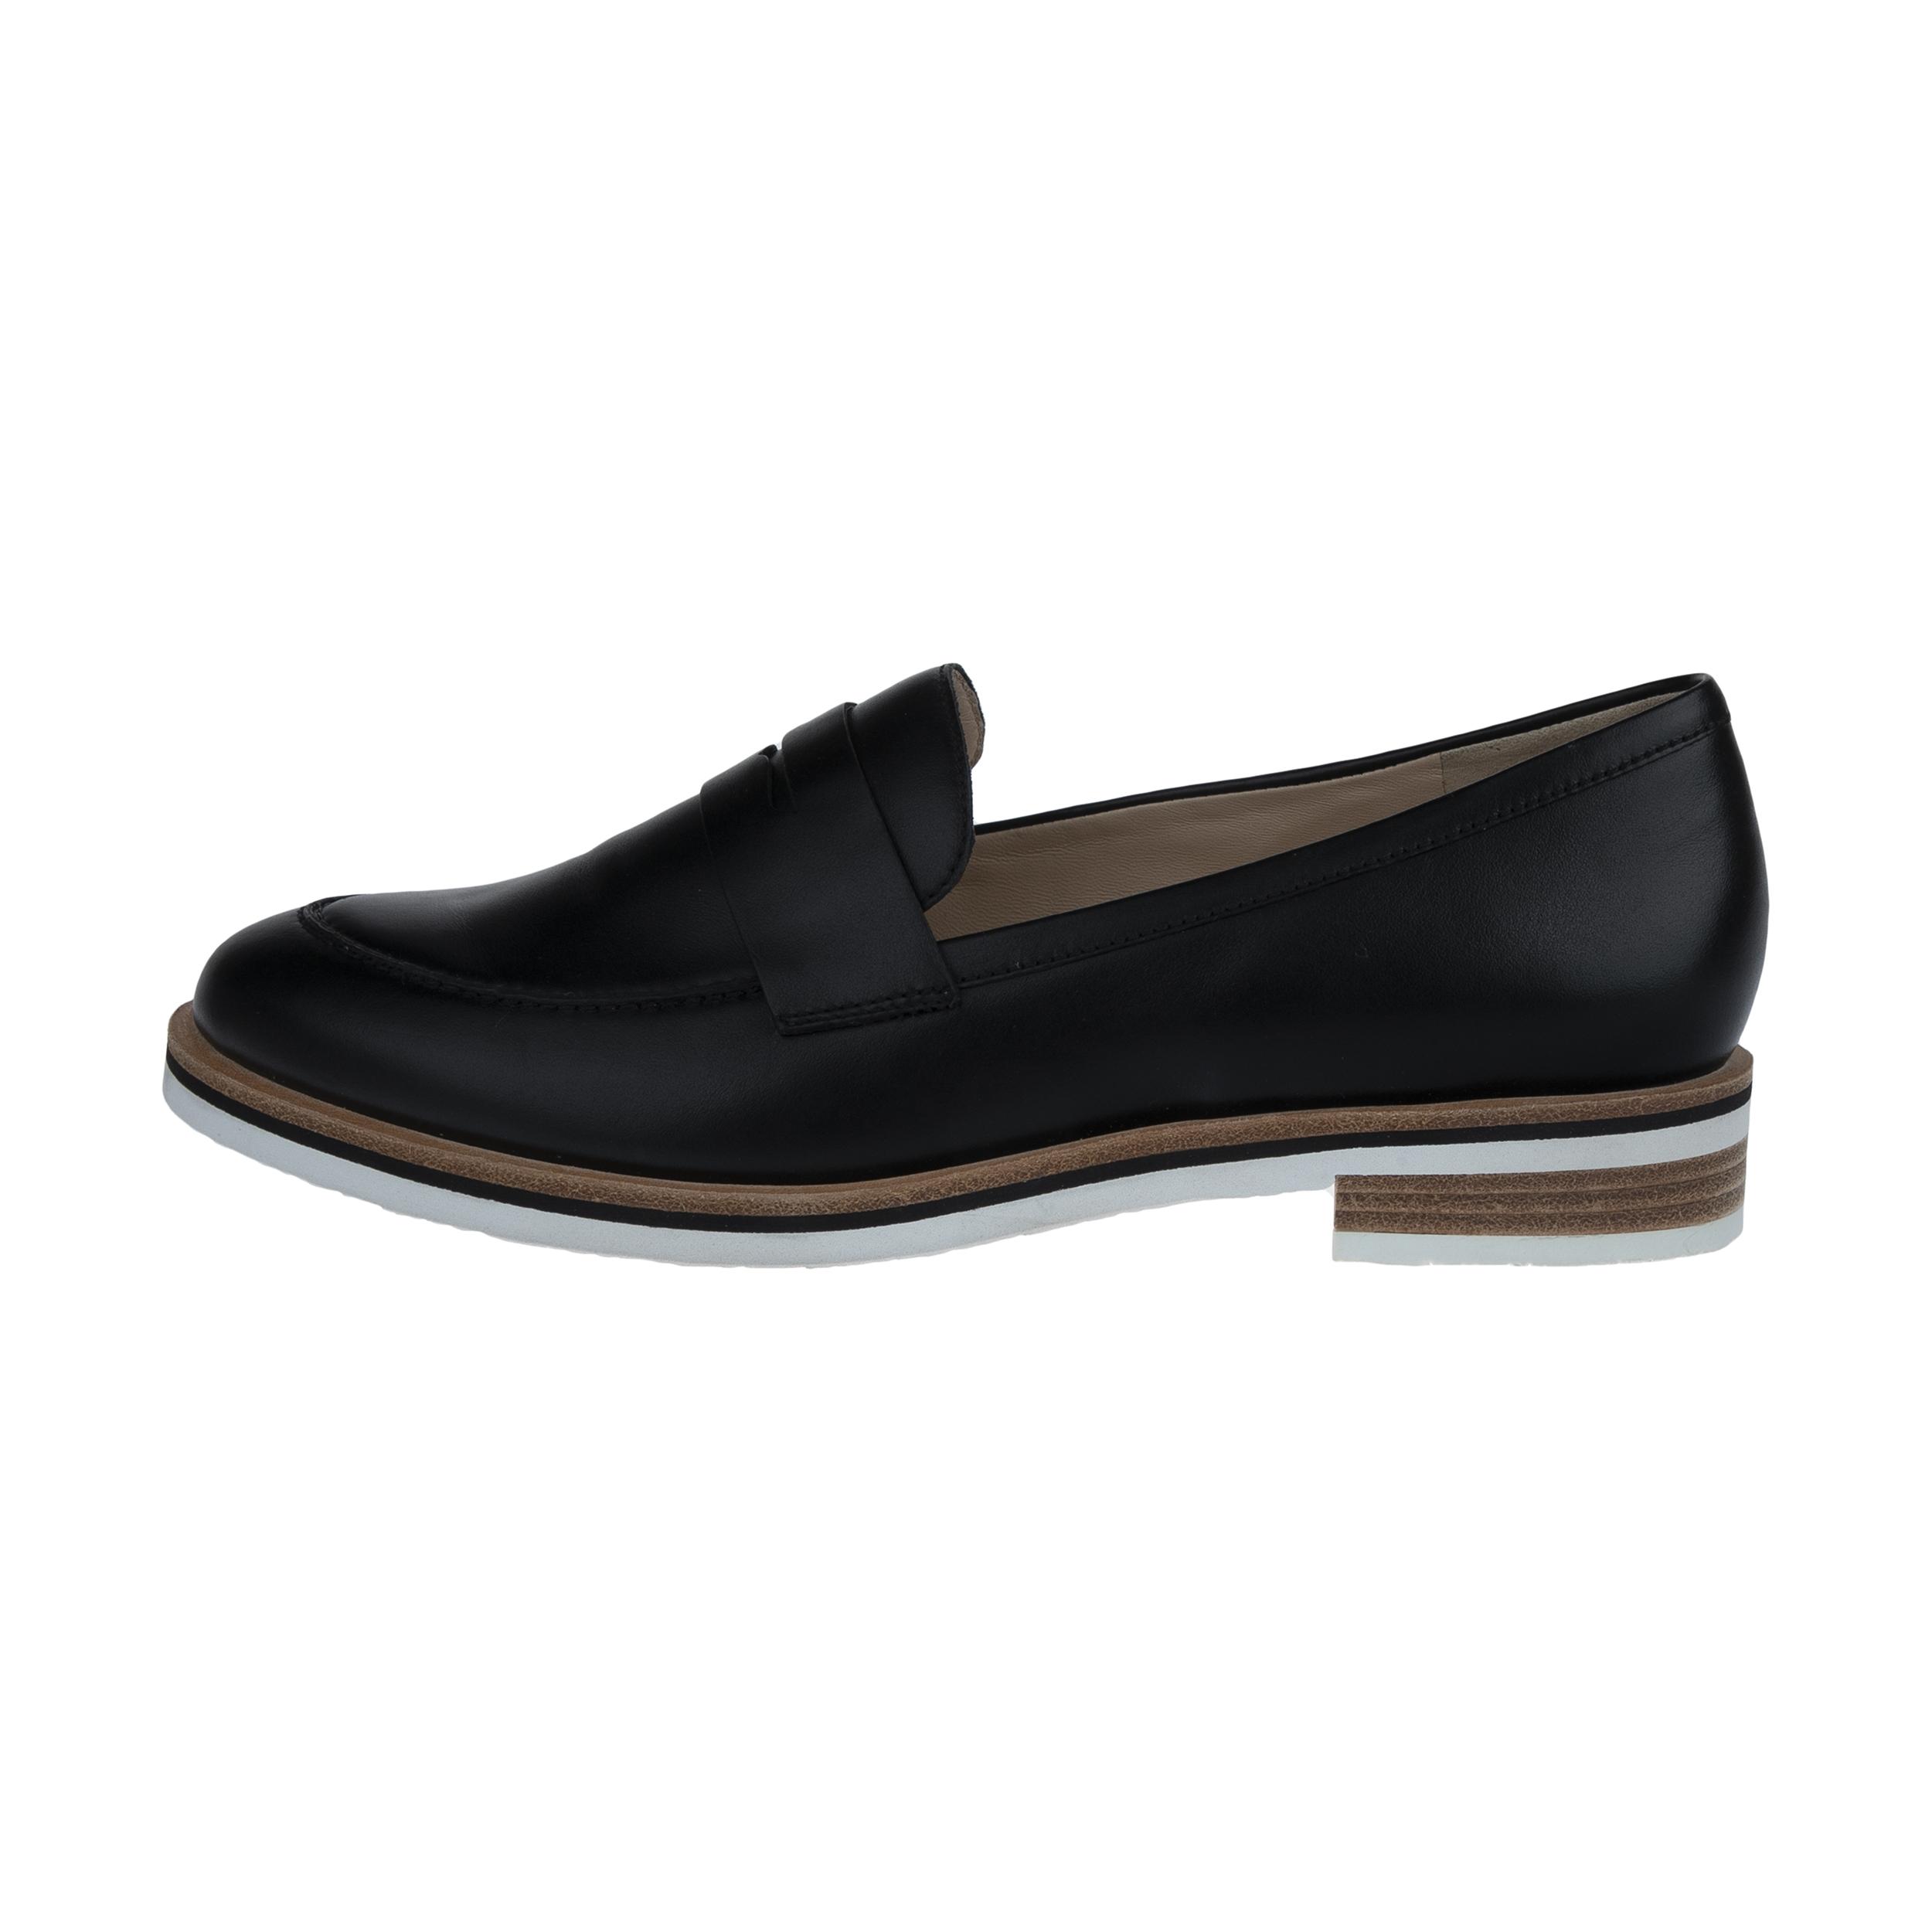 کفش روزمره زنانه هوگل مدل 5-102823-0100